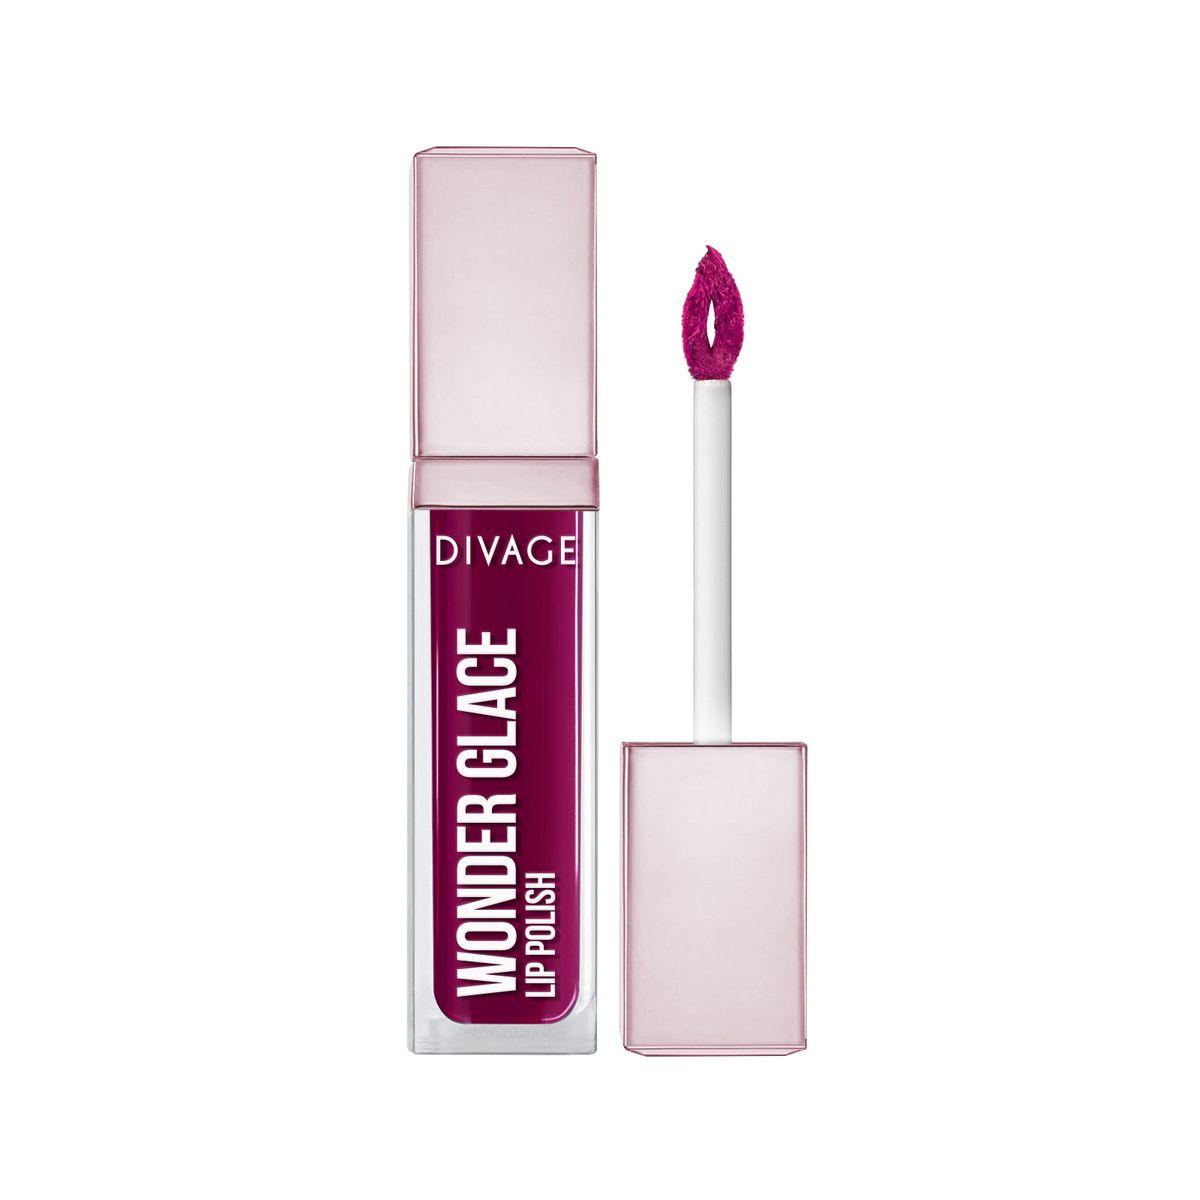 DIVAGE Лак для губ WONDER GLACE, тон № 08, 5 мл009349DIVAGE приготовил для тебя отличный подарок - лак для губ с инновационной формулой, которая придает глубокий и насыщенный цвет. Роскошное глянцевое сияние на твоих губах сделает макияж особенным и неповторимым. 8 самых актуальных оттенков, чтобы ты могла выглядеть ярко и привлекательно в любой ситуации. Особая форма аппликатора позволяет идеально прокрашивать губы и делает нанесение более комфортным. Лак не только смотрится ярко, но и увлажняет и защищает твои губы. Будь самой неповторимой этой весной и восхищай всех роскошным блеском и невероятно насыщенным цветом с лаком для губ «WONDER GLACE» от DIVAGE!